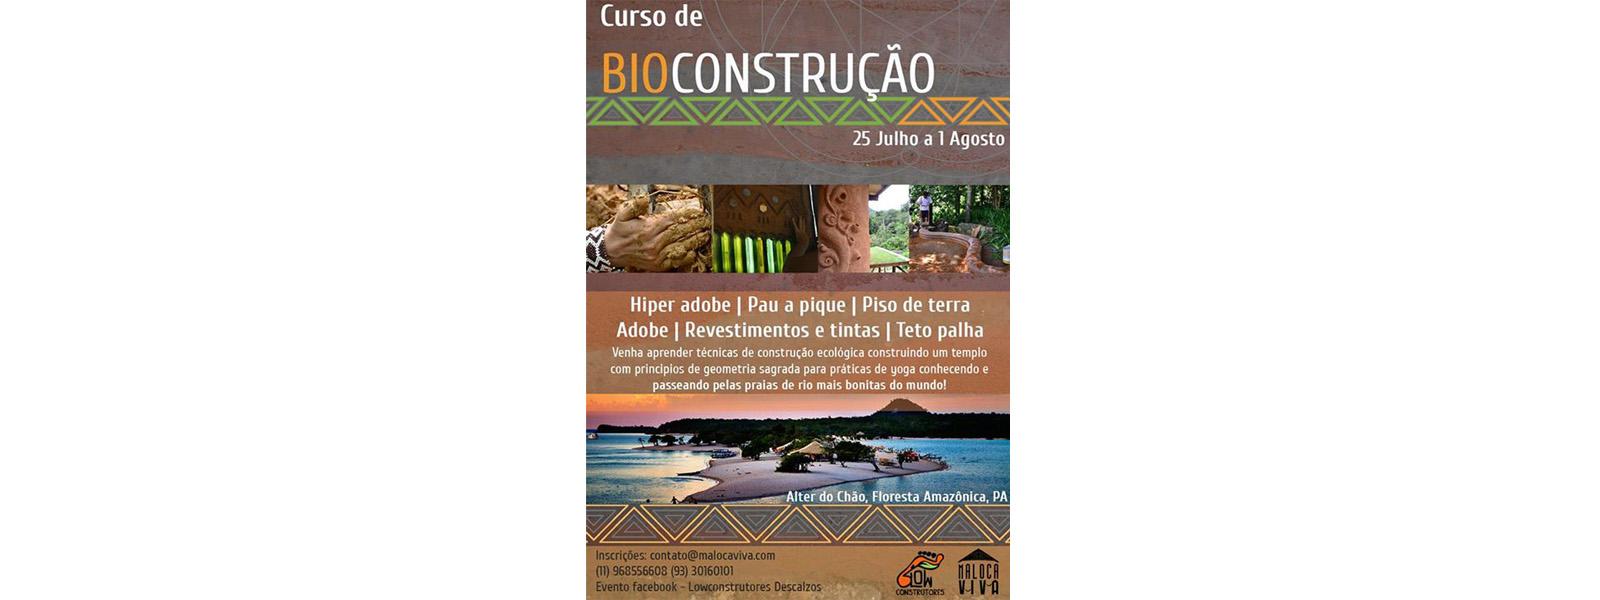 curso-de-biocontrução-lowconstrutores-descalzos